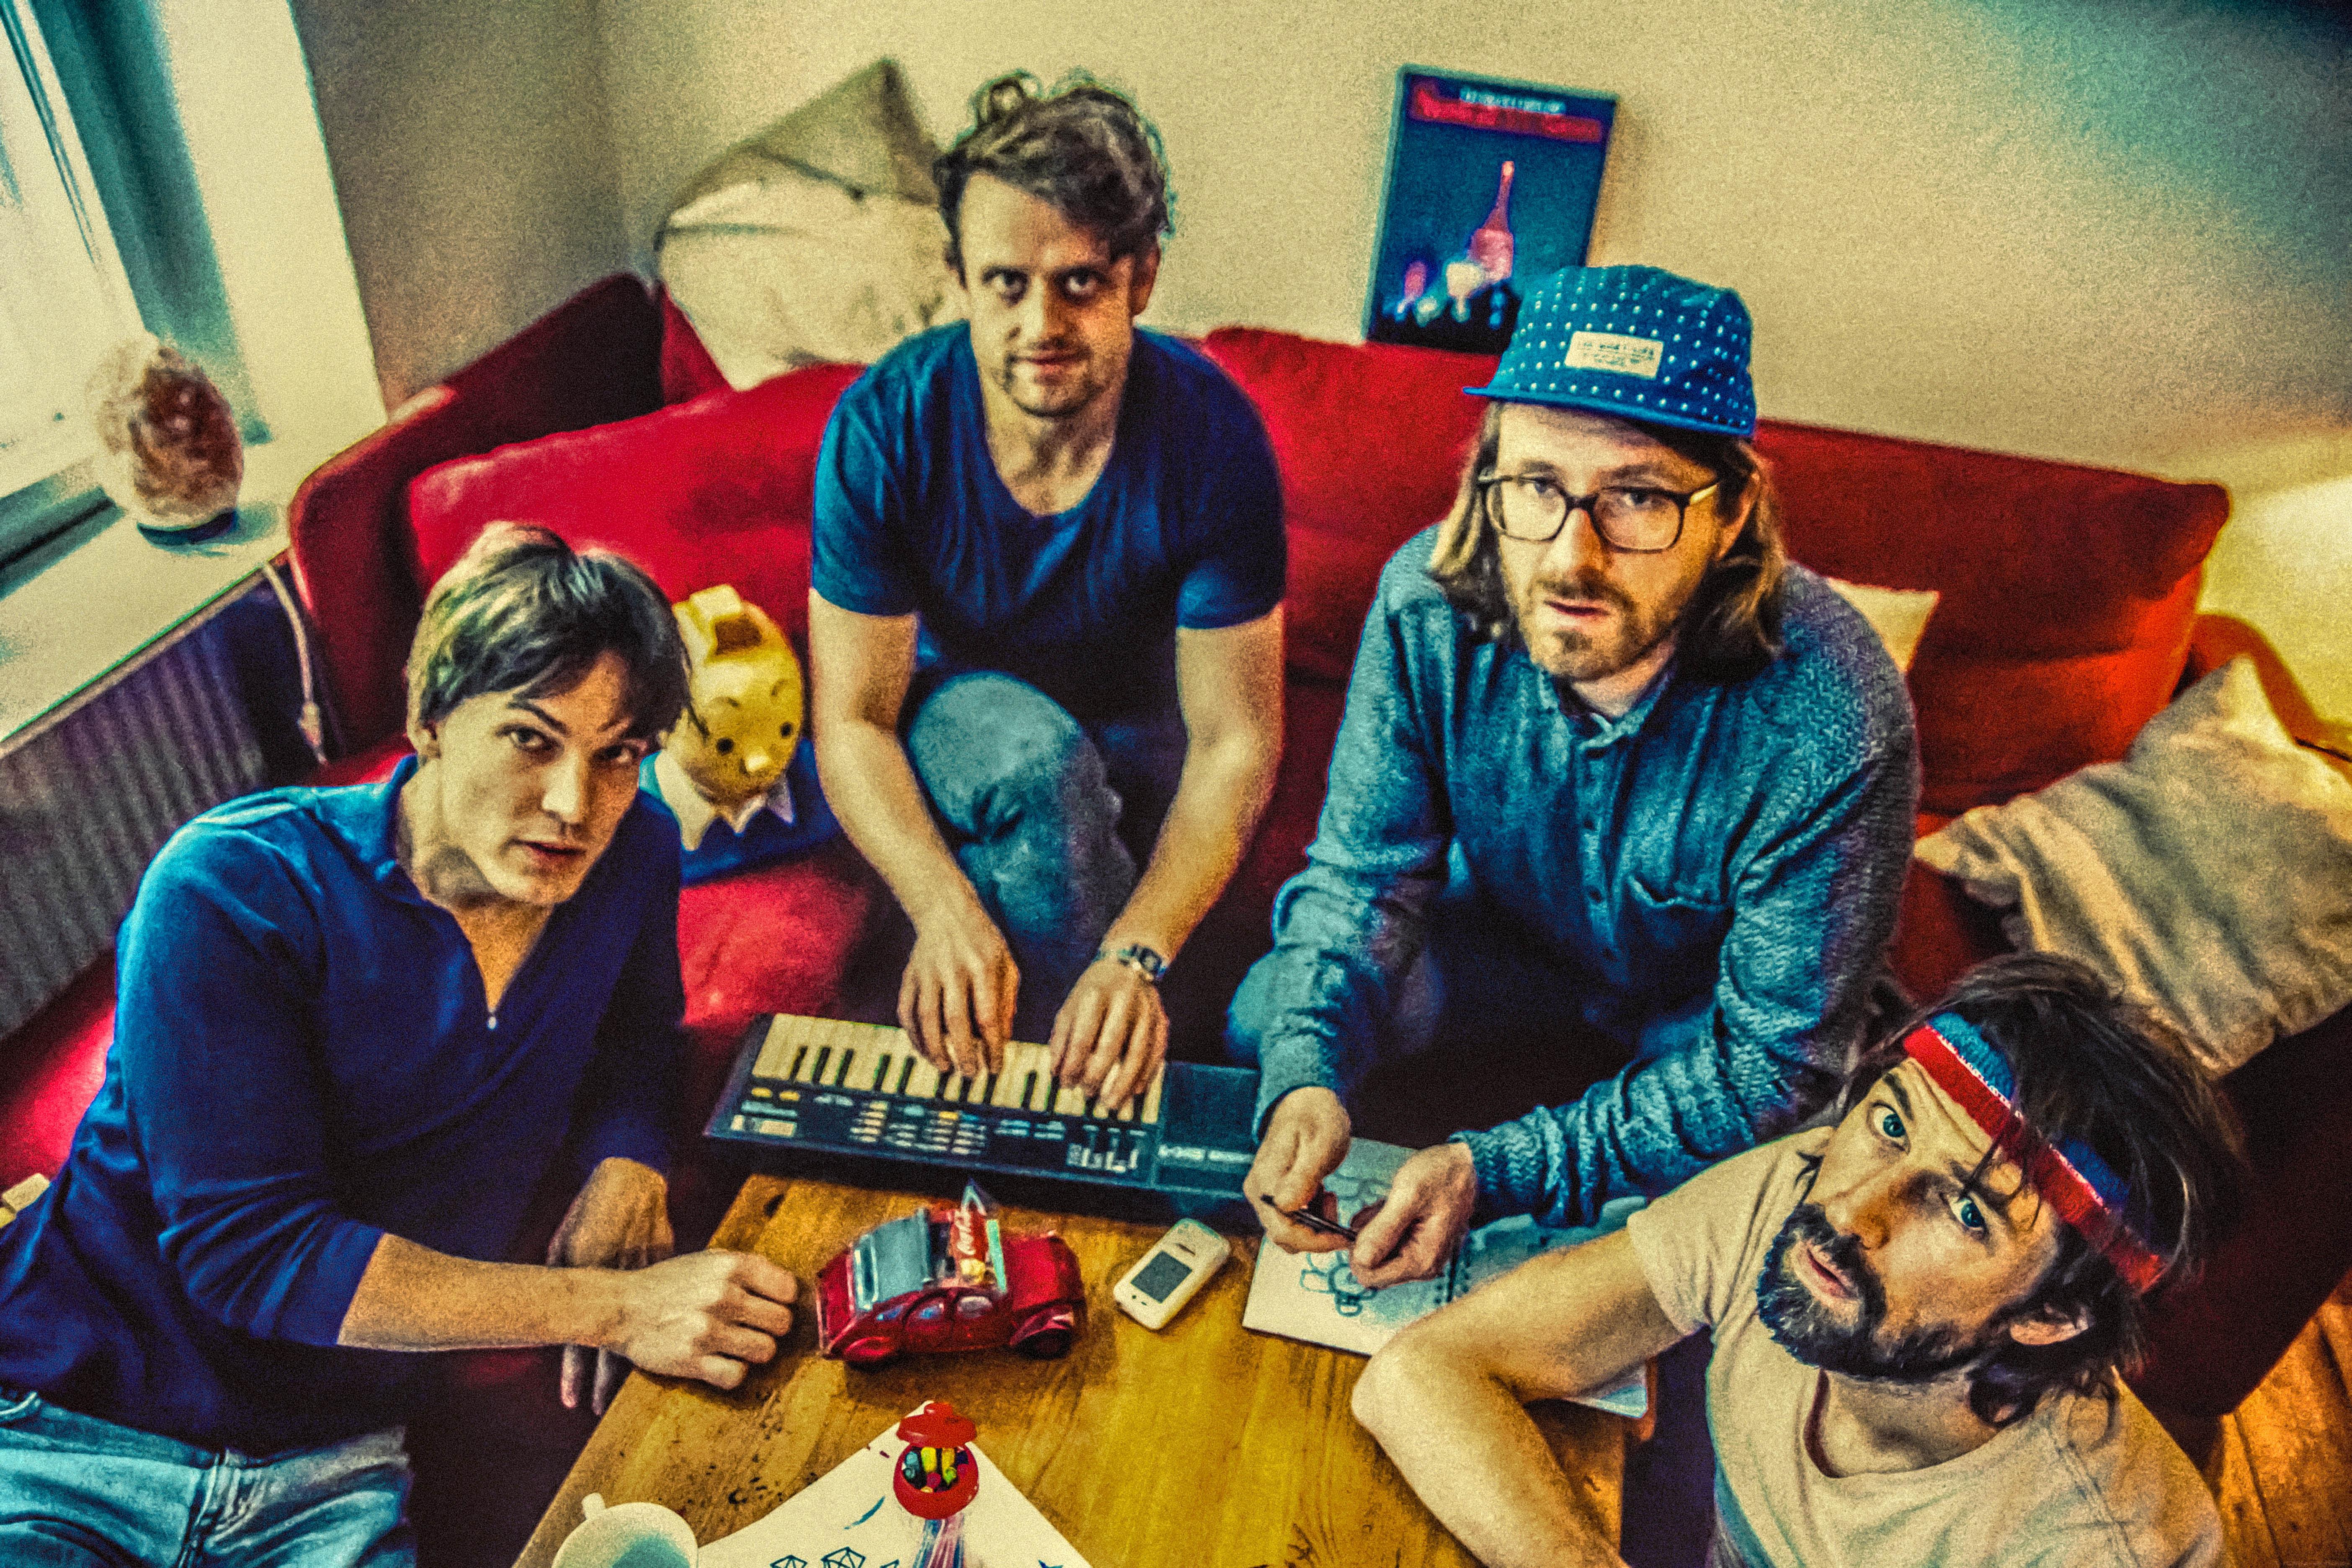 Die Höchste Eisenbahn geht mit neuem Album auf Tour.